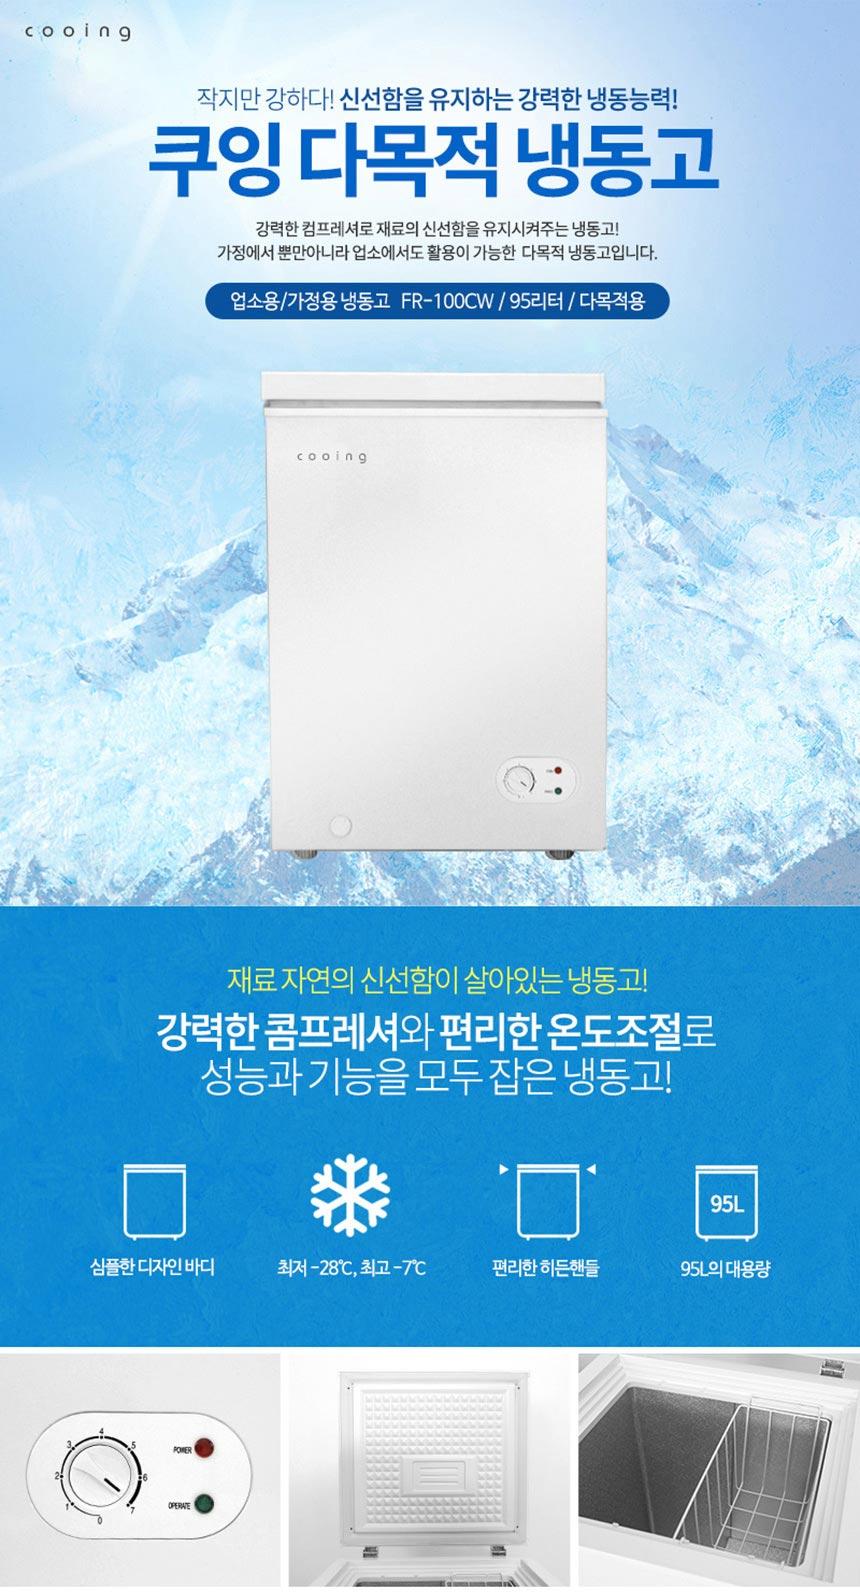 상세페이지1, FR-100CW, 쿠잉 다목적 냉동고, 95L